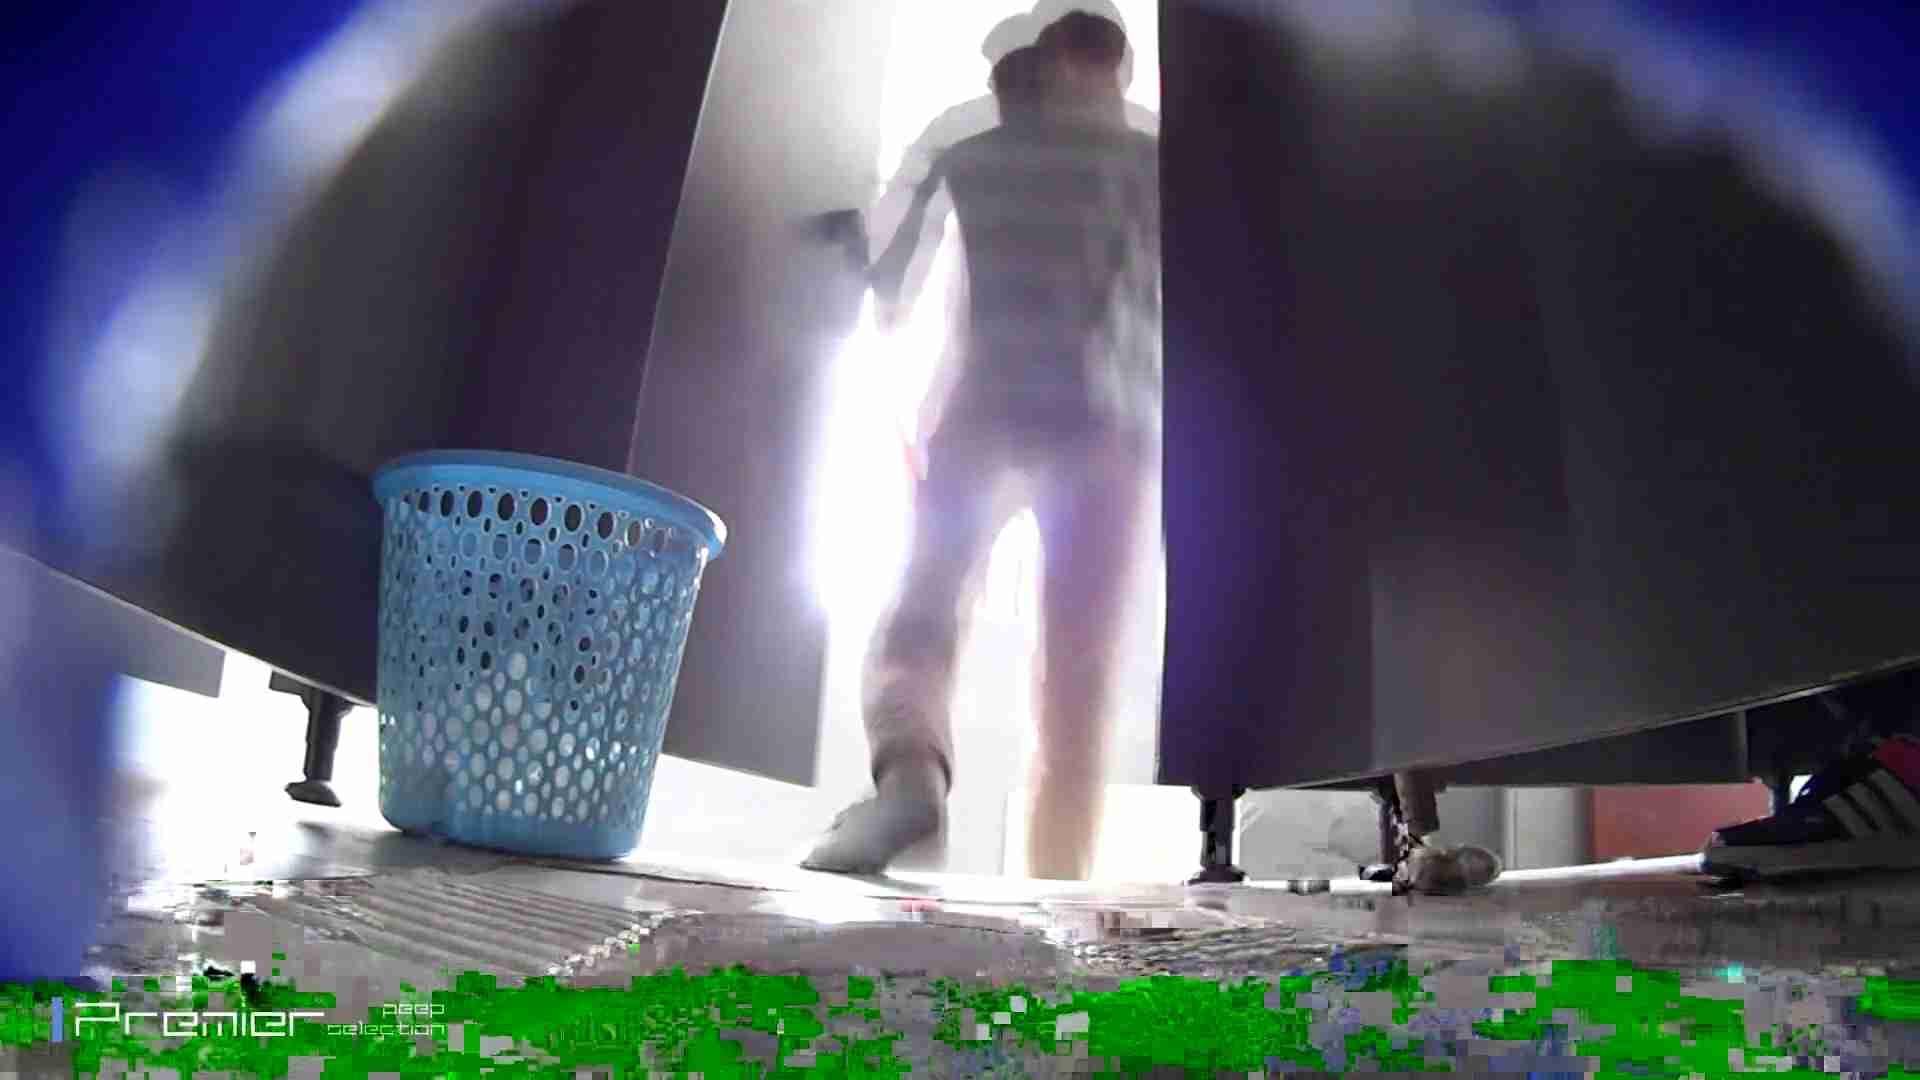 清楚なJDトイレ盗撮 大学休憩時間の洗面所事情41 洗面所 スケベ動画紹介 69画像 40